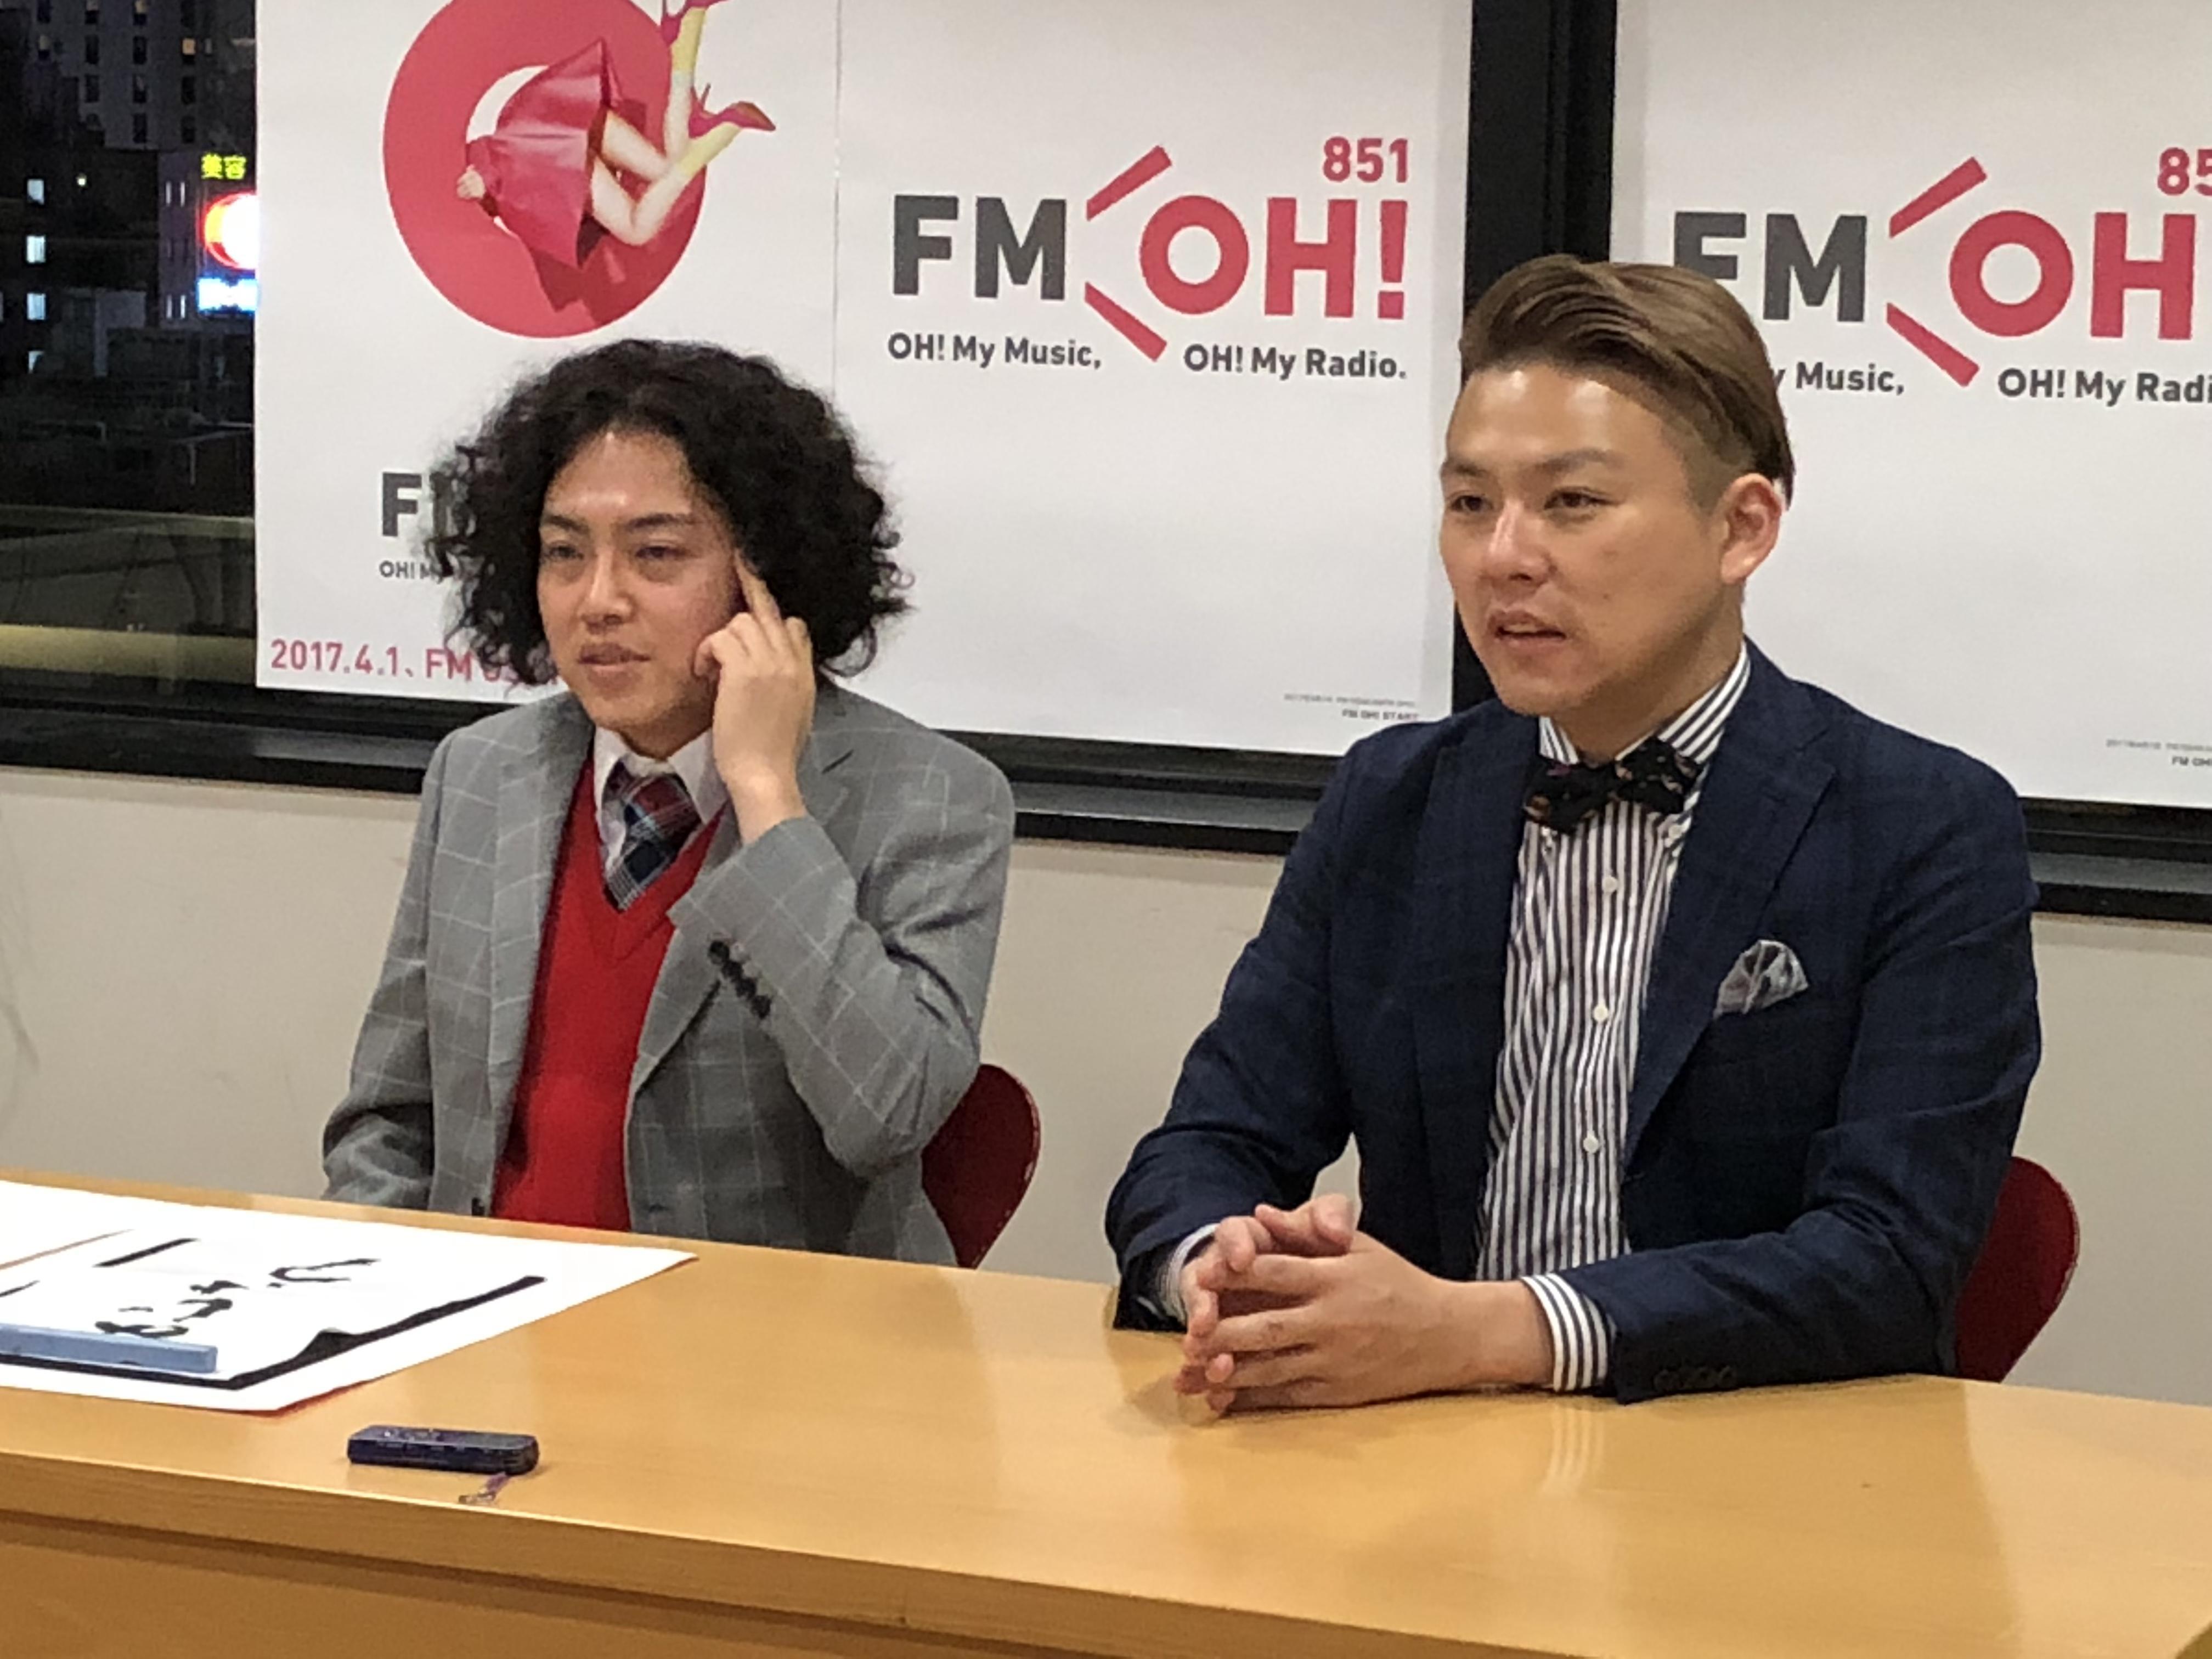 http://news.yoshimoto.co.jp/20180925231250-e69a2a1d9179c57bd73b461c9fb471e331438c6b.jpeg